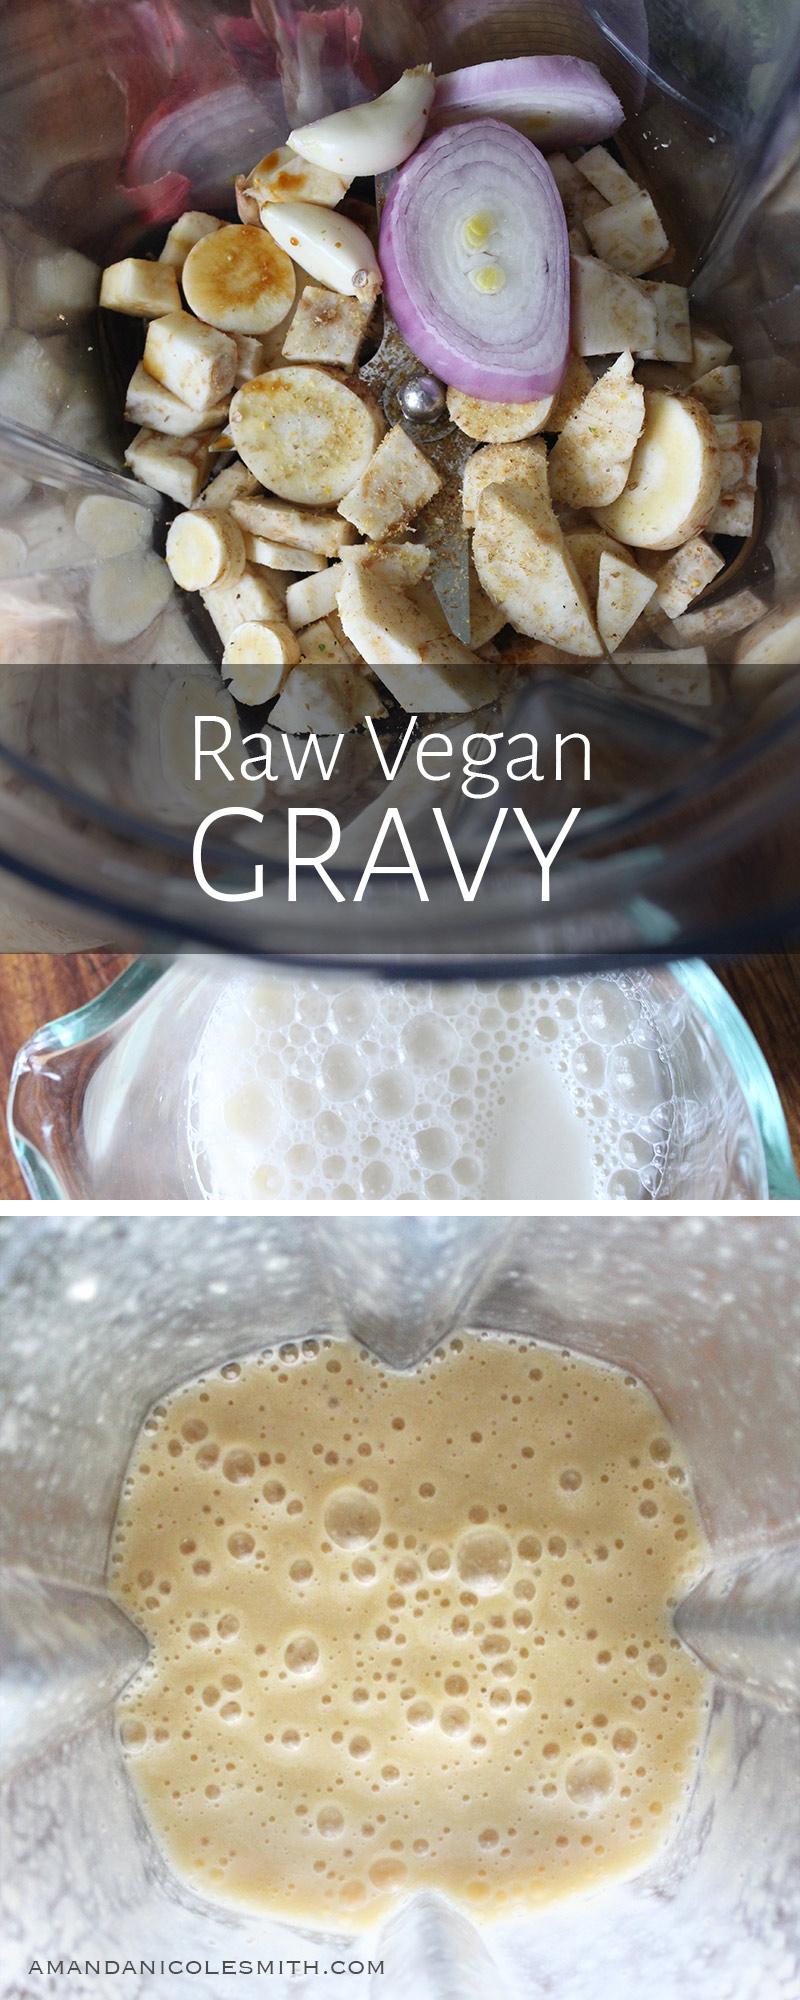 Raw Vegan Gravy